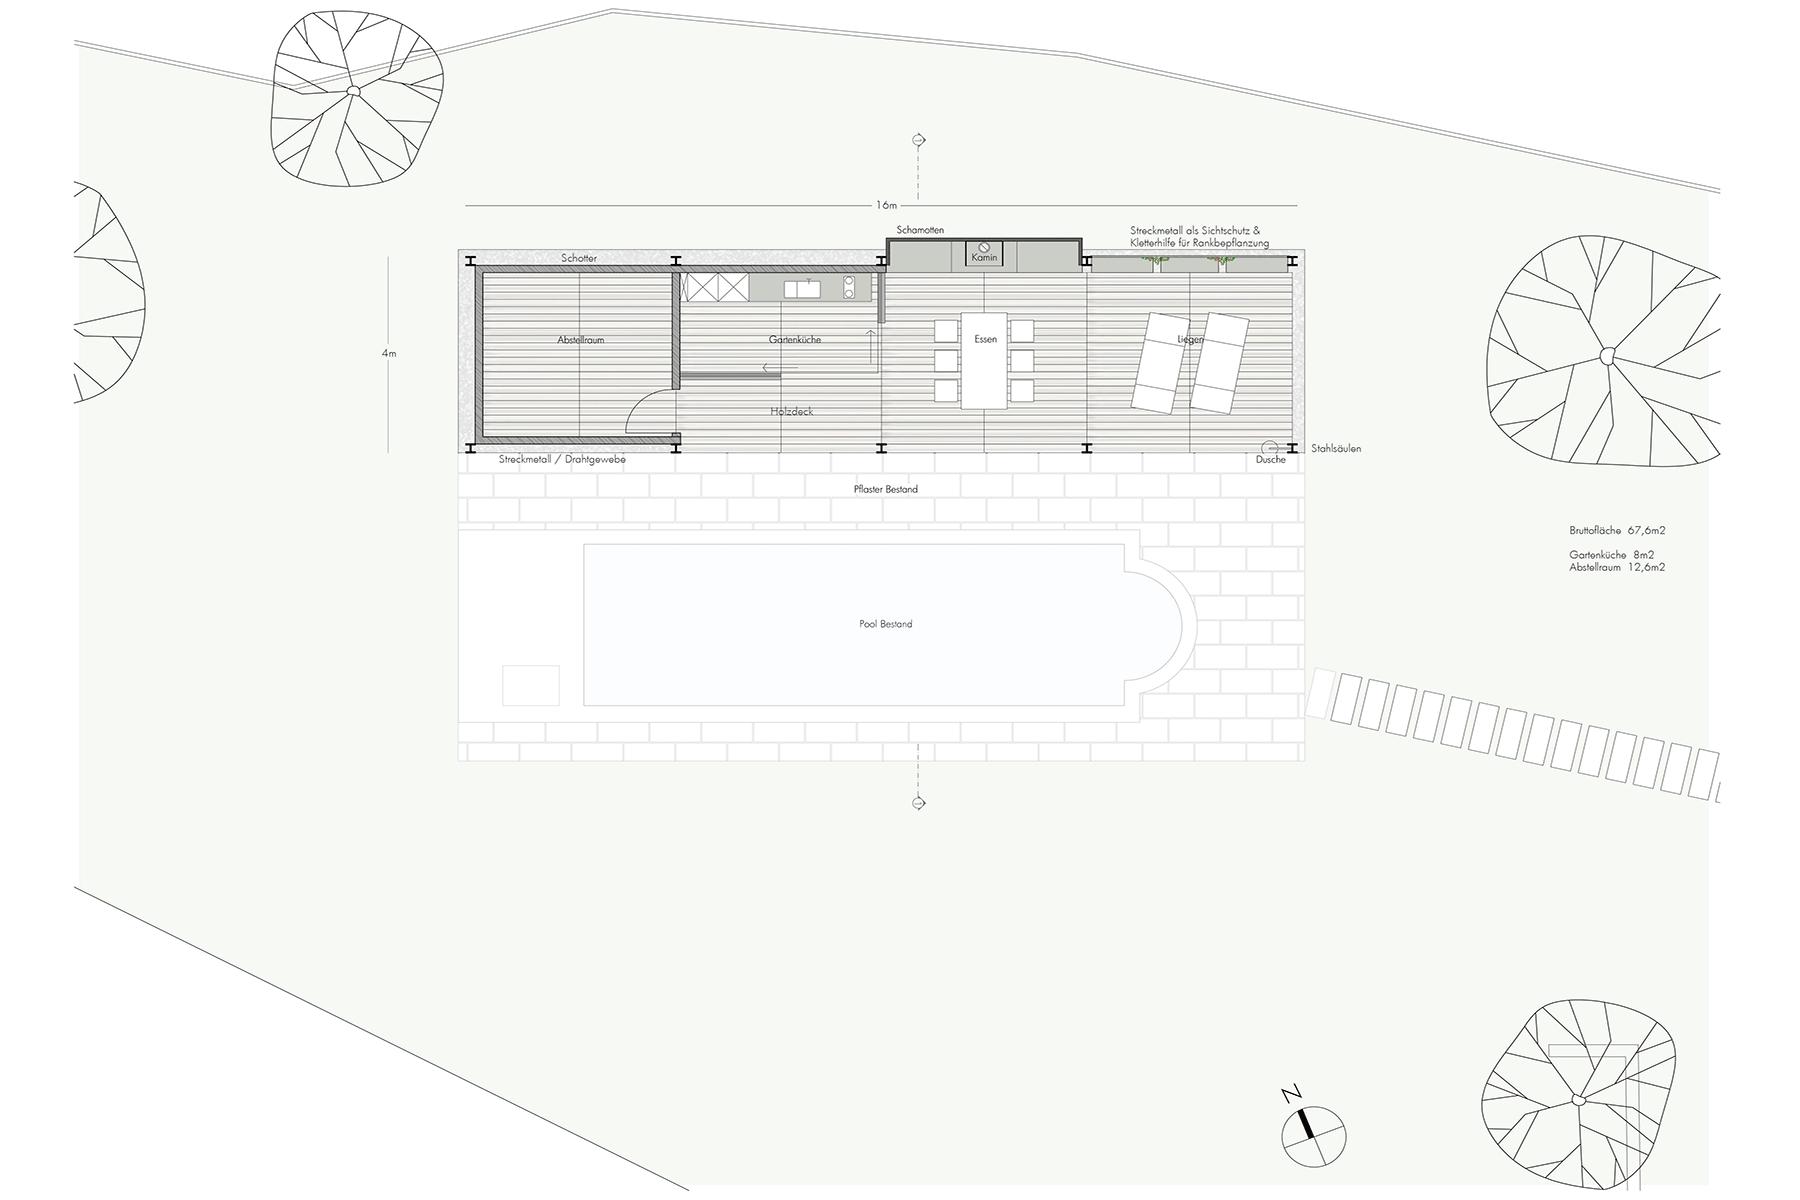 grundriss, ARCHITEKT, Poolhaus, Architektenhaus, Gartenlaube, Chillen am Pool, Sommerlaune